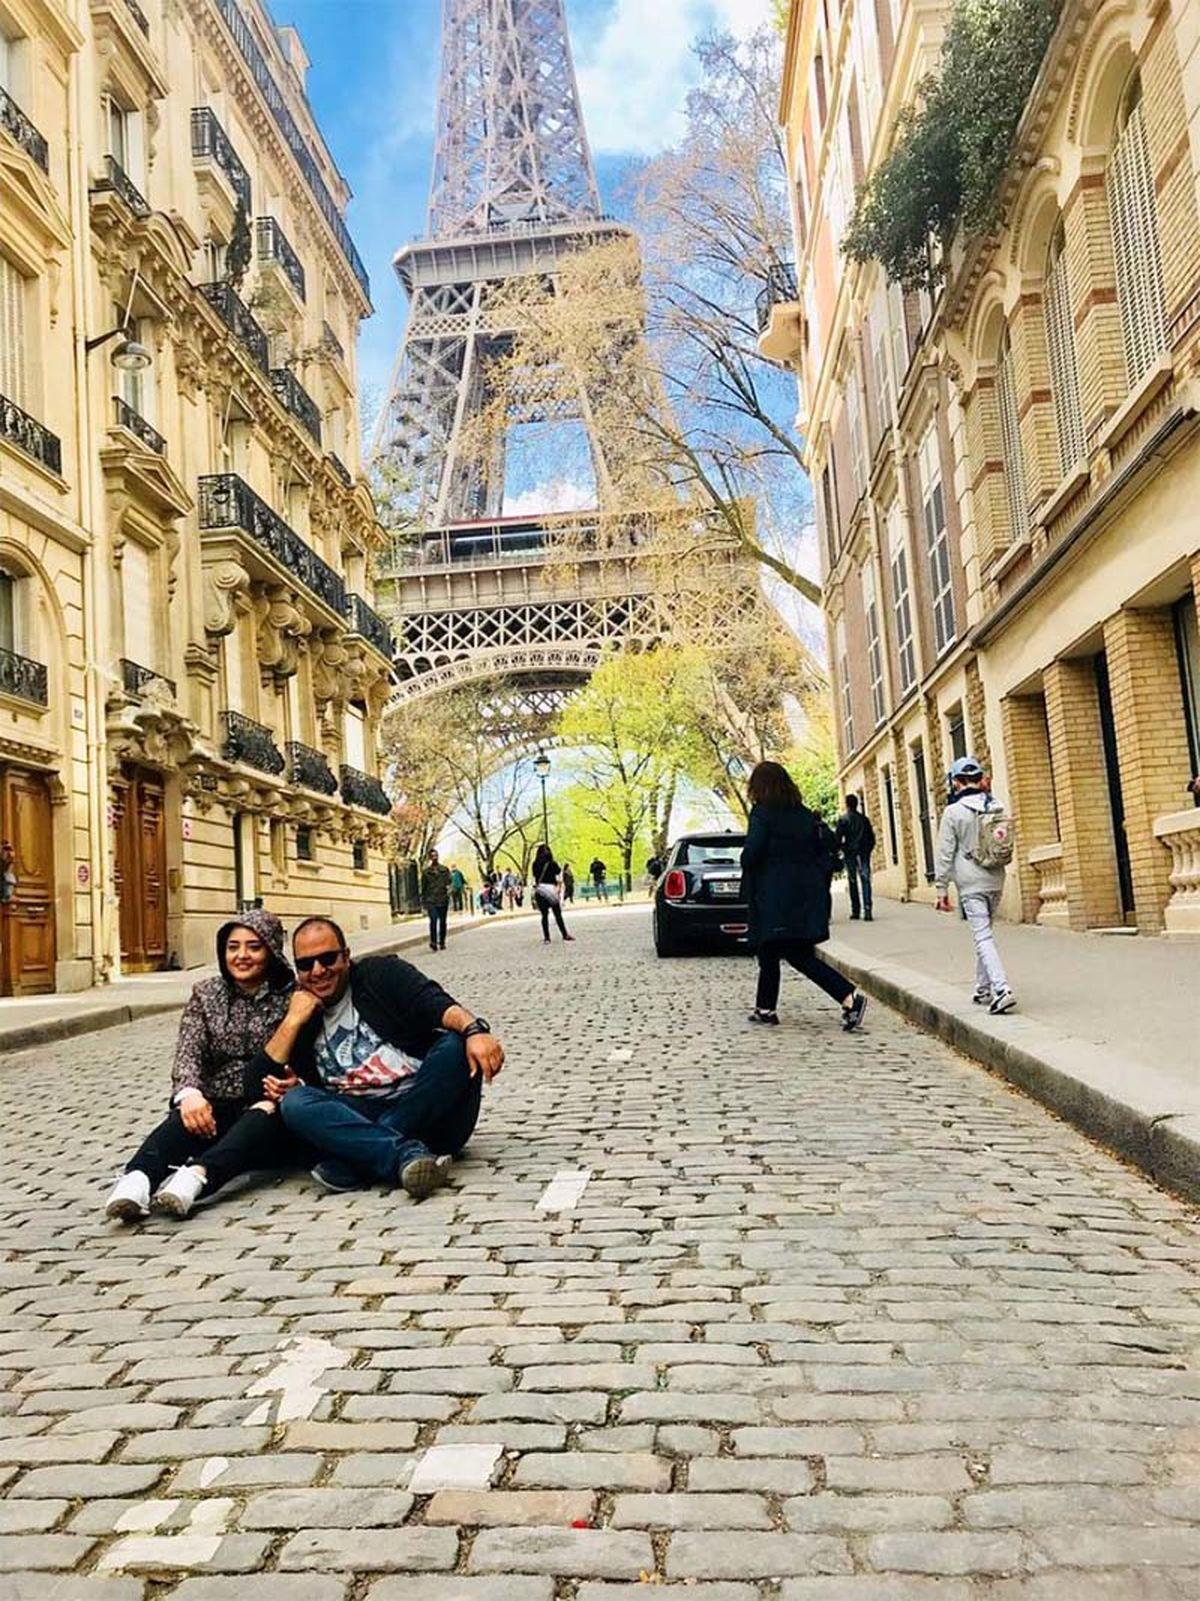 ژست عجیب و زشتِ علی اوجی و نرگس محمدی در پاریس + عکس